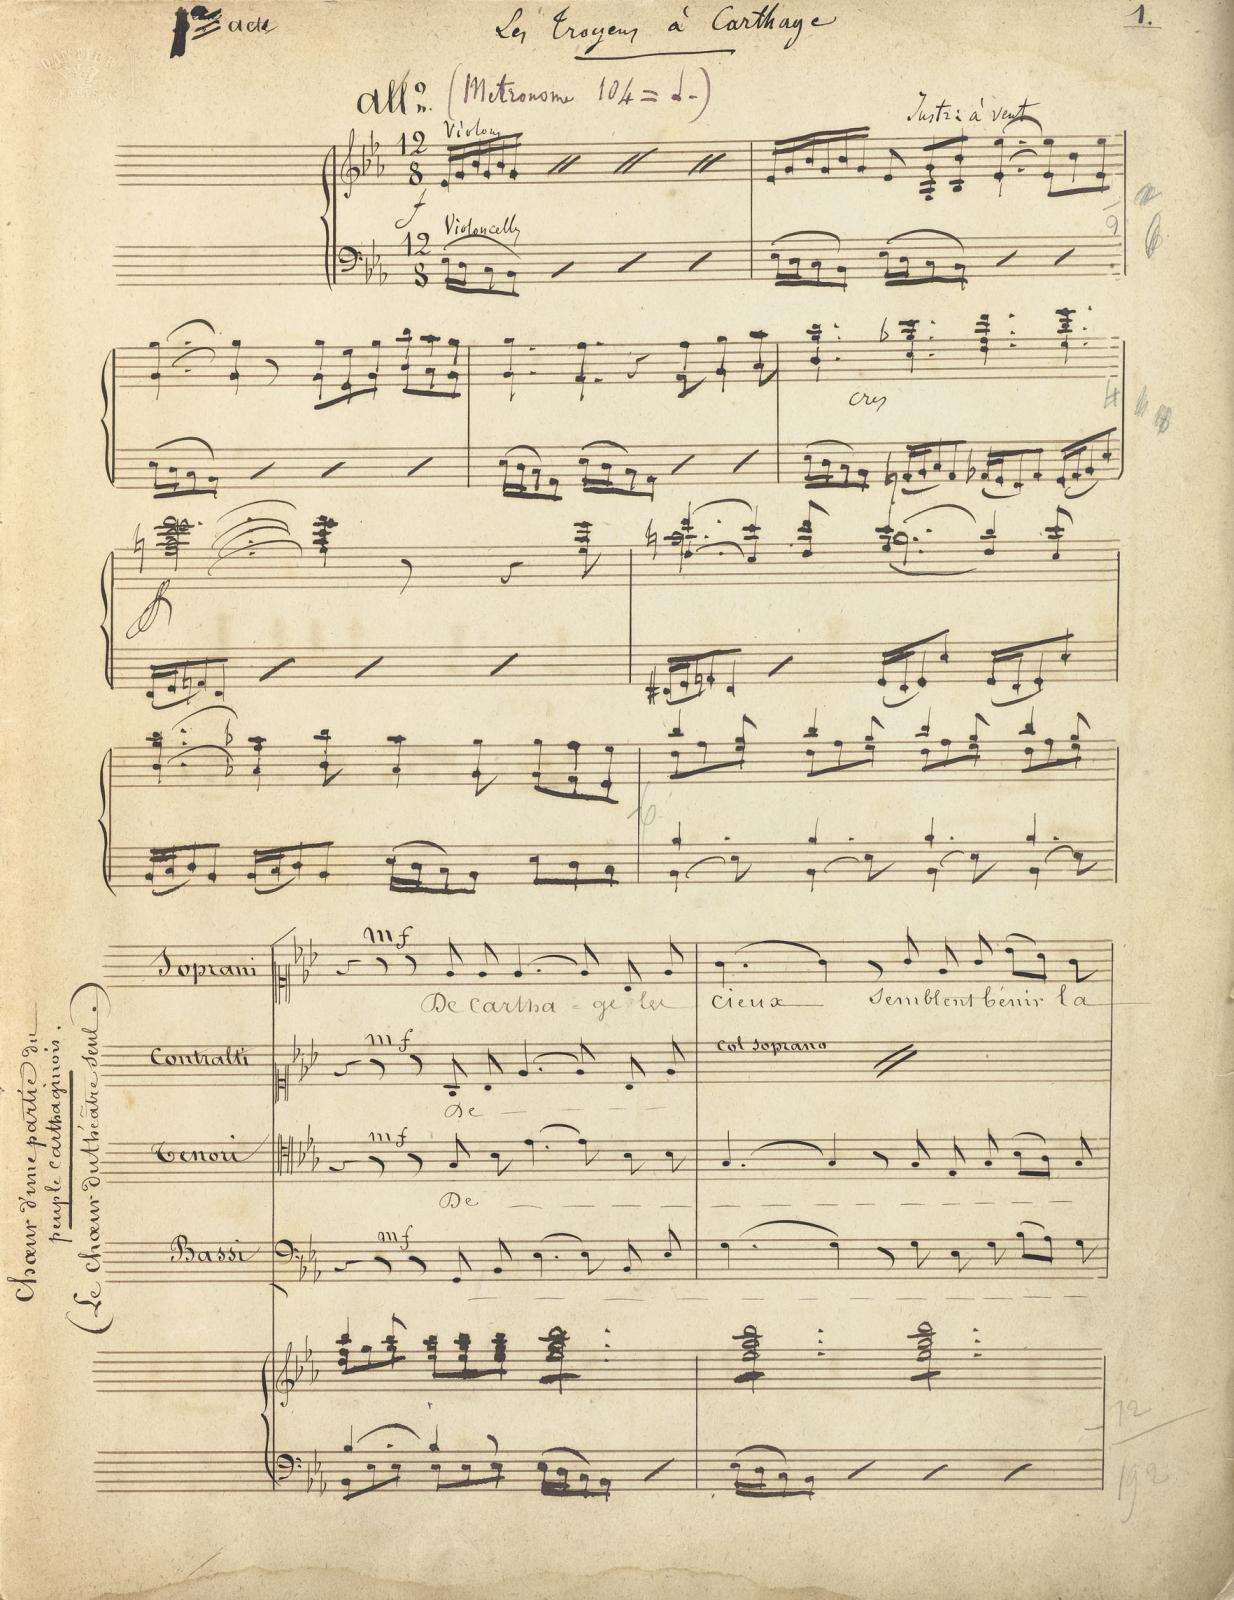 Hector Berlioz(1803-1869), Les Troyens, partition manuscrite en partie autographe, version pour chant et piano, 1858-1859.